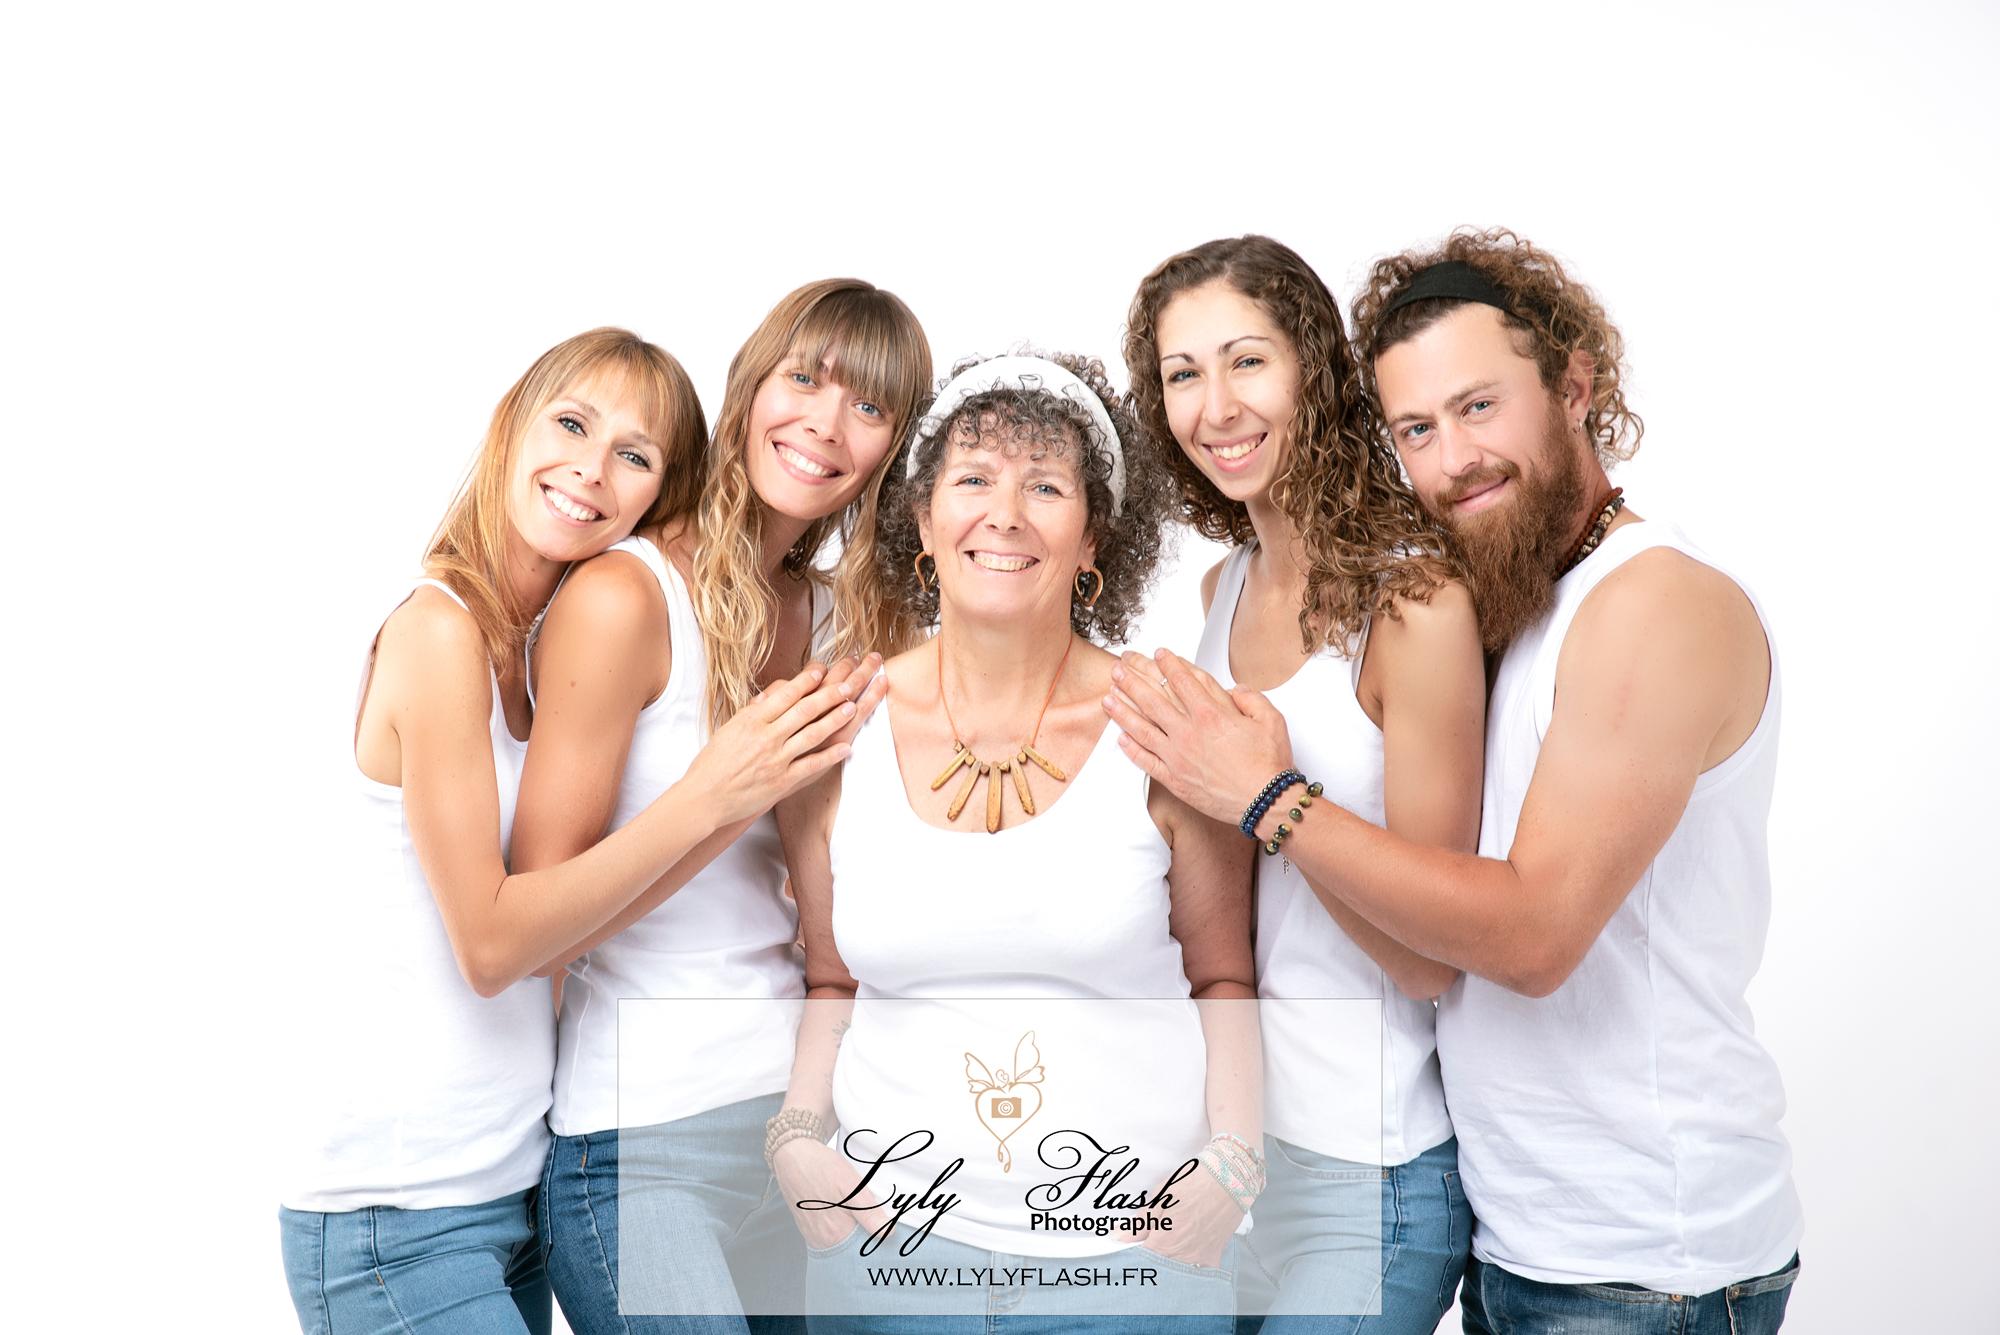 Une séance photo en studio d'une famille heureuse et magnifique